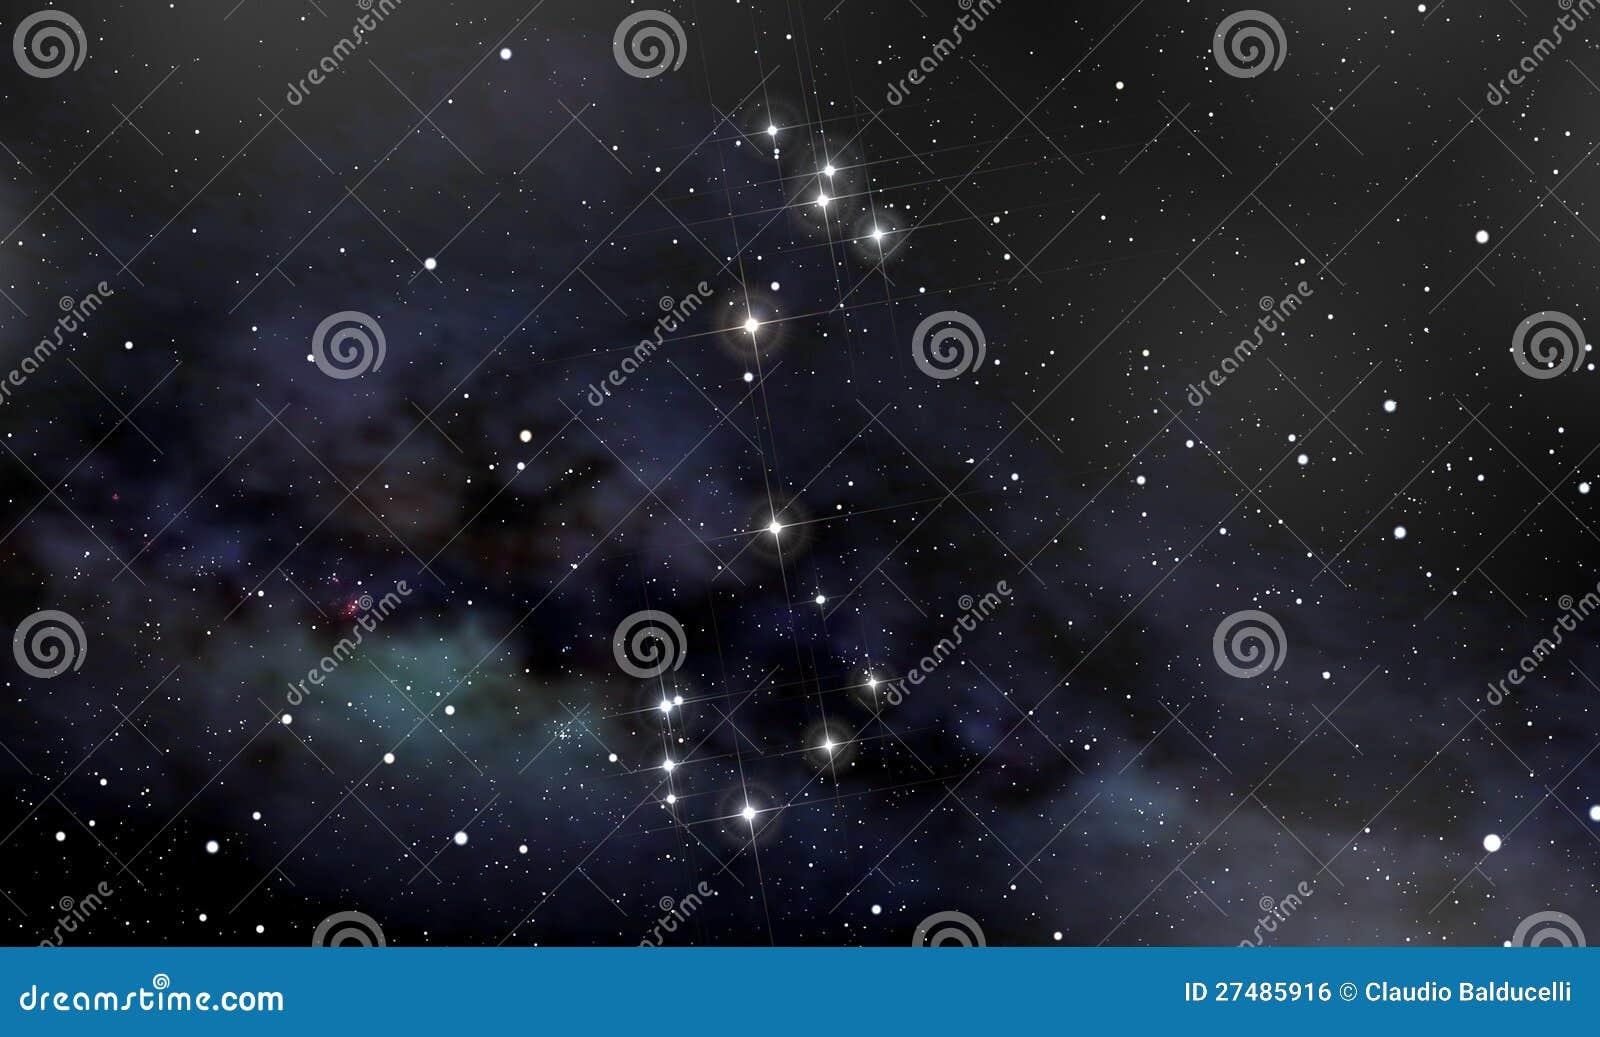 W nocnym niebie skorpionu gwiazdozbiór